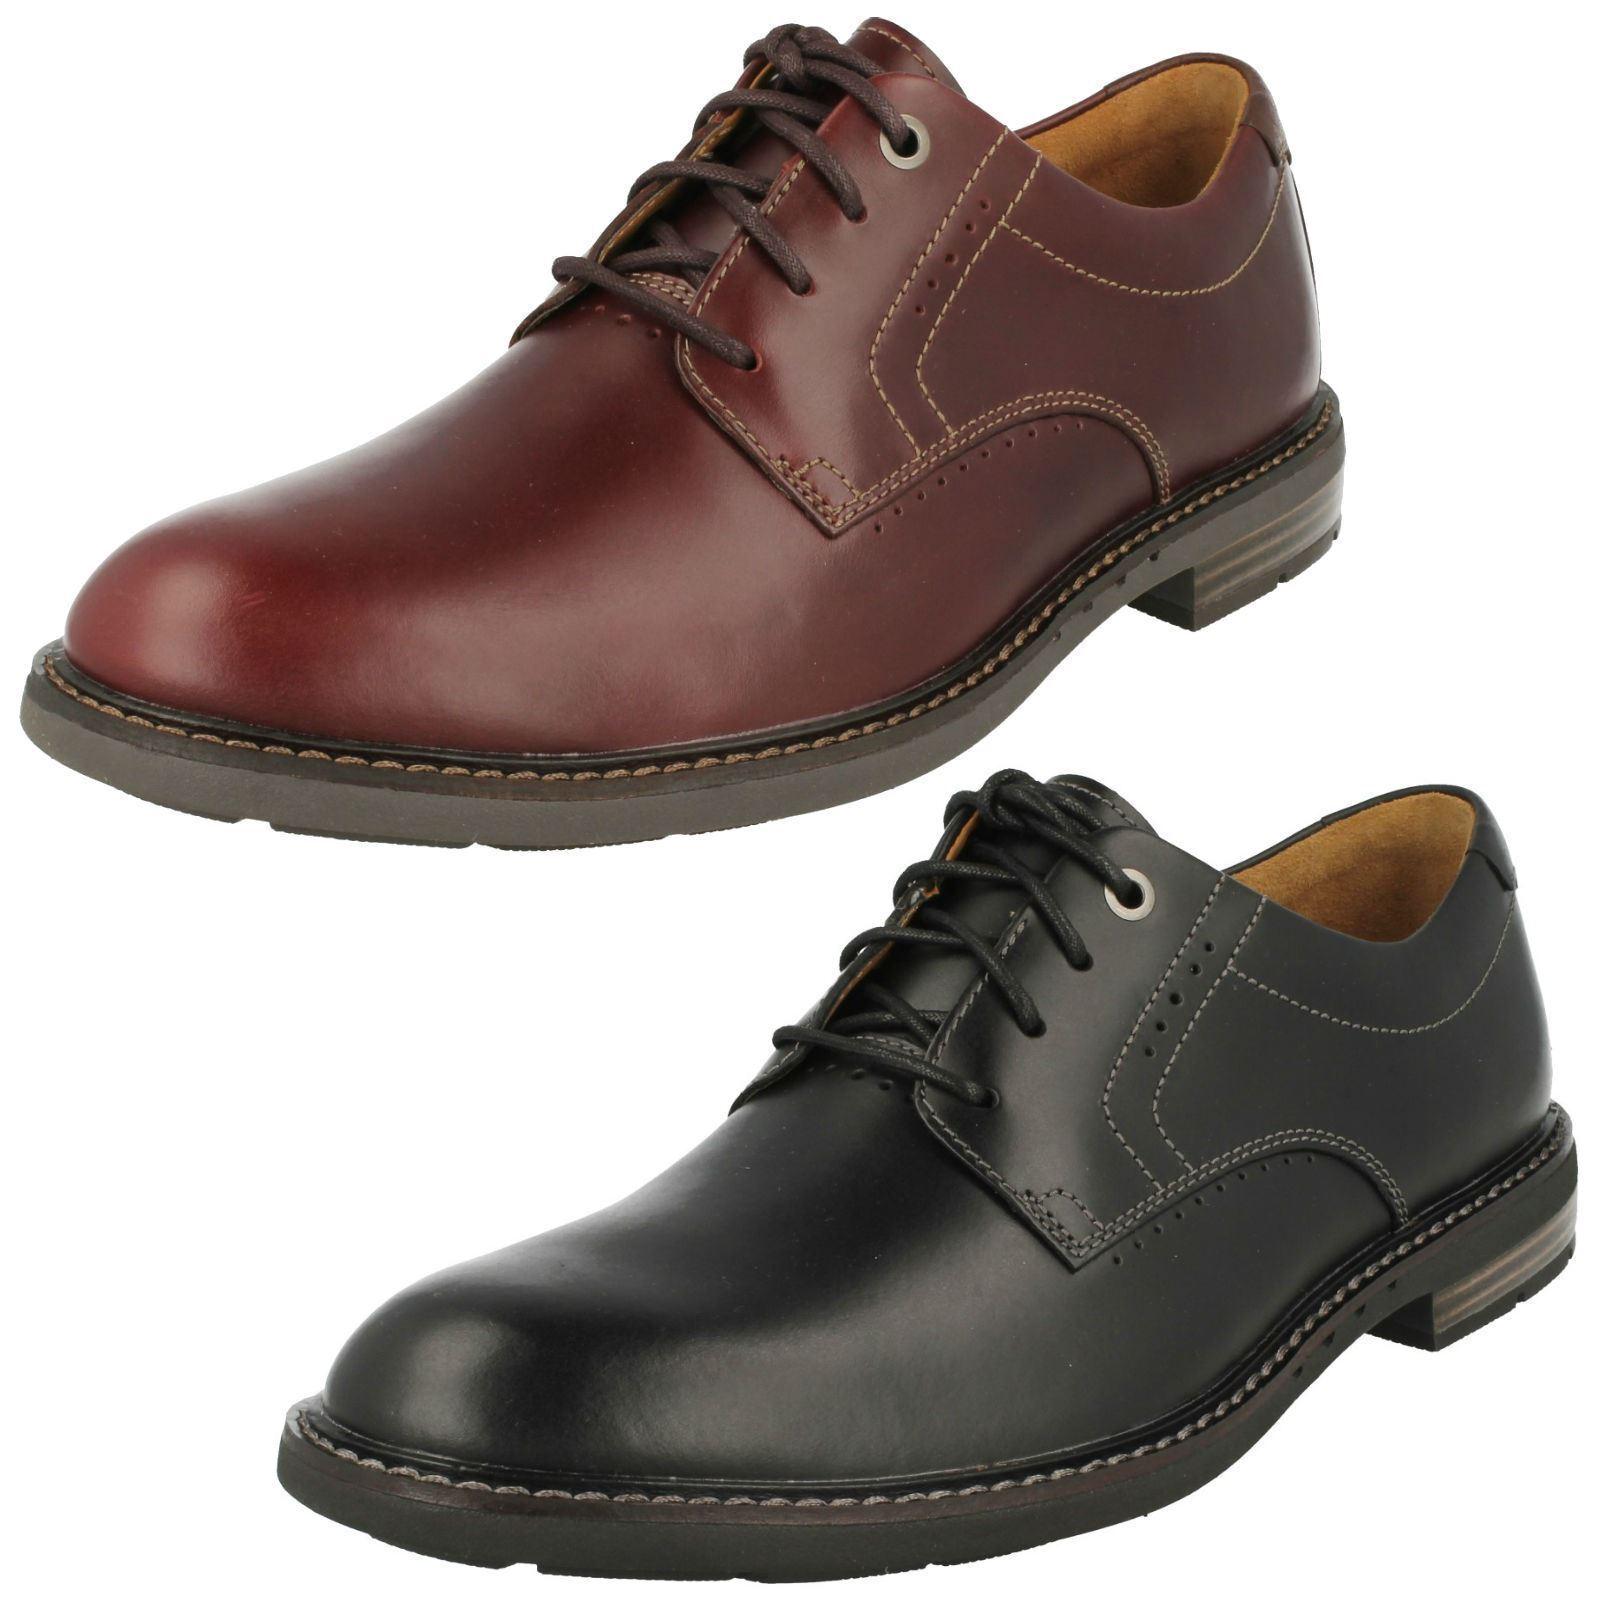 Hombre Clarks Sin Estructura unelott Liso Con Elegante Zapatos De Piel Con Liso Cordones 1ed1cf